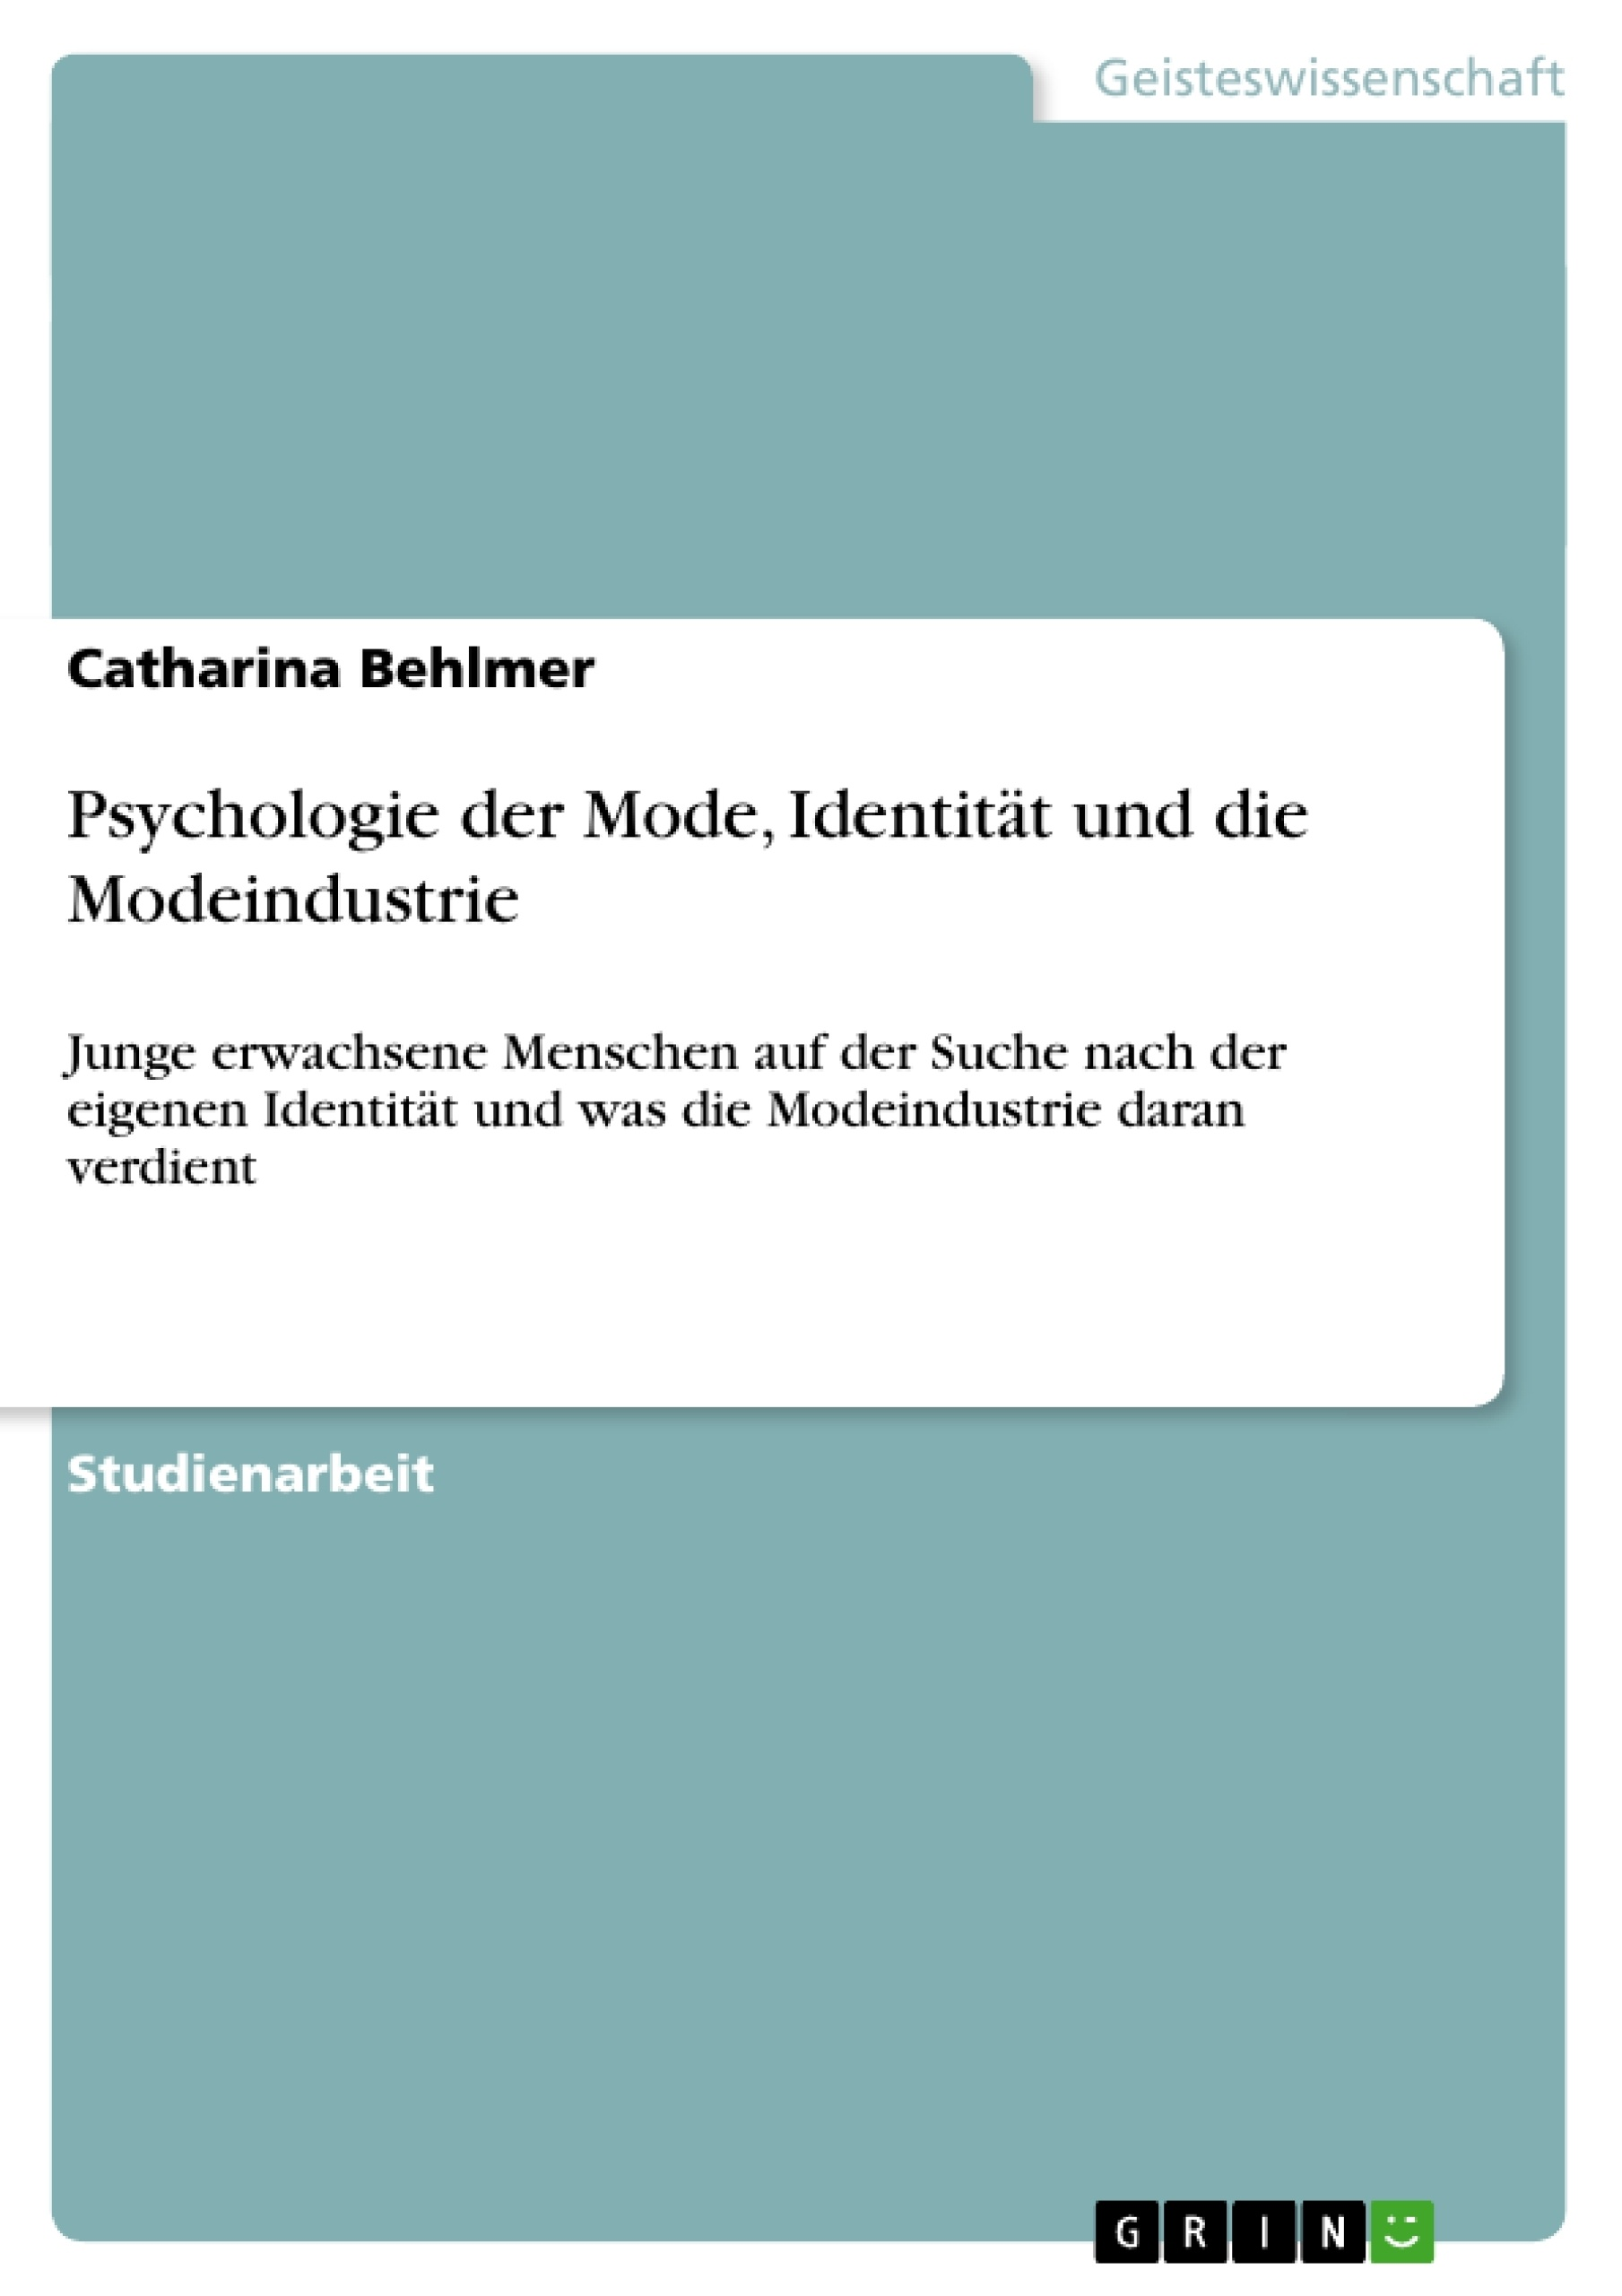 Titel: Psychologie der Mode, Identität und die Modeindustrie